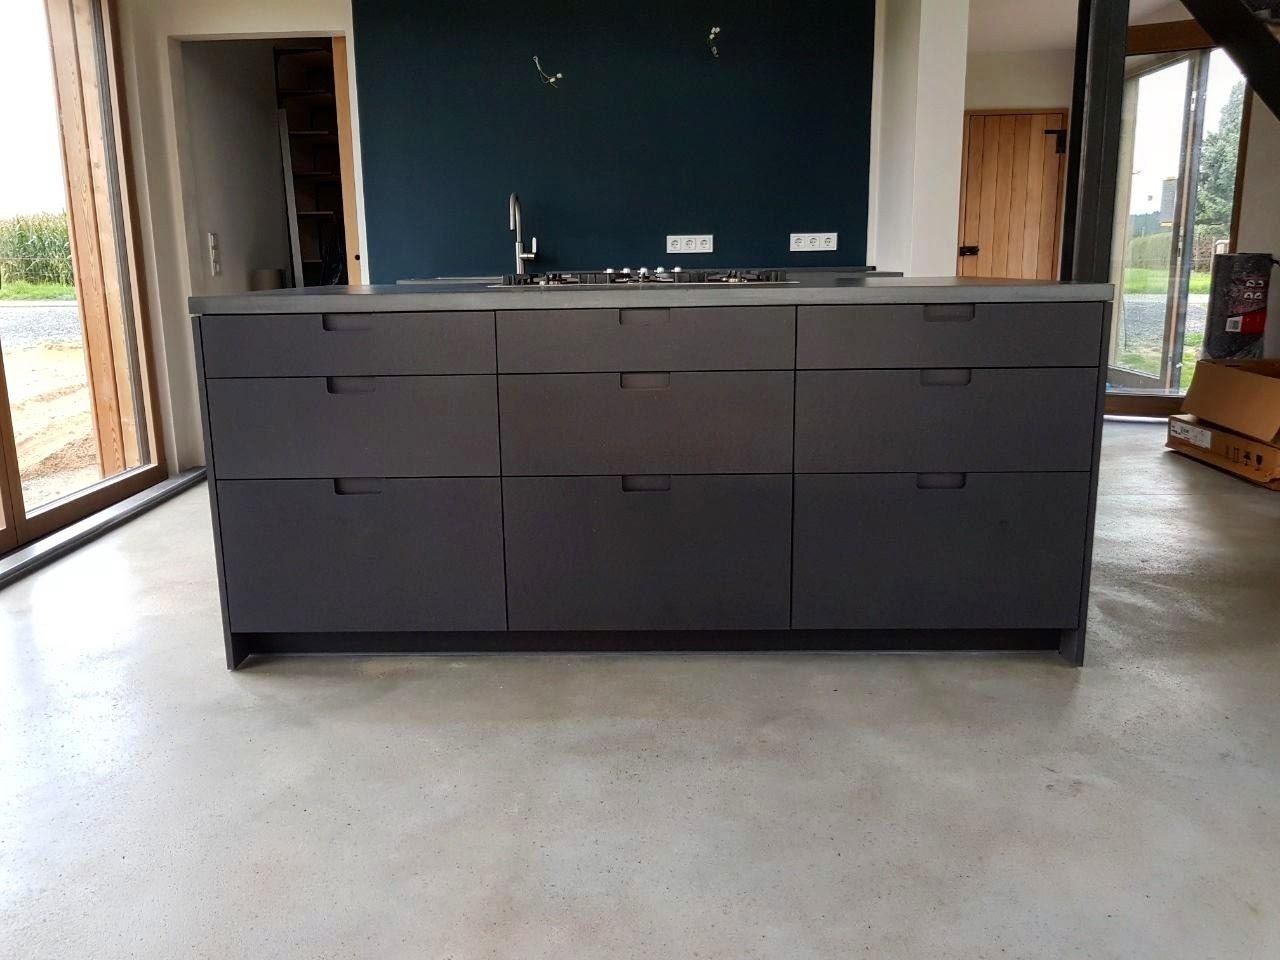 k chenlandschaft in valchromat mit k chenarbeitsplatten. Black Bedroom Furniture Sets. Home Design Ideas